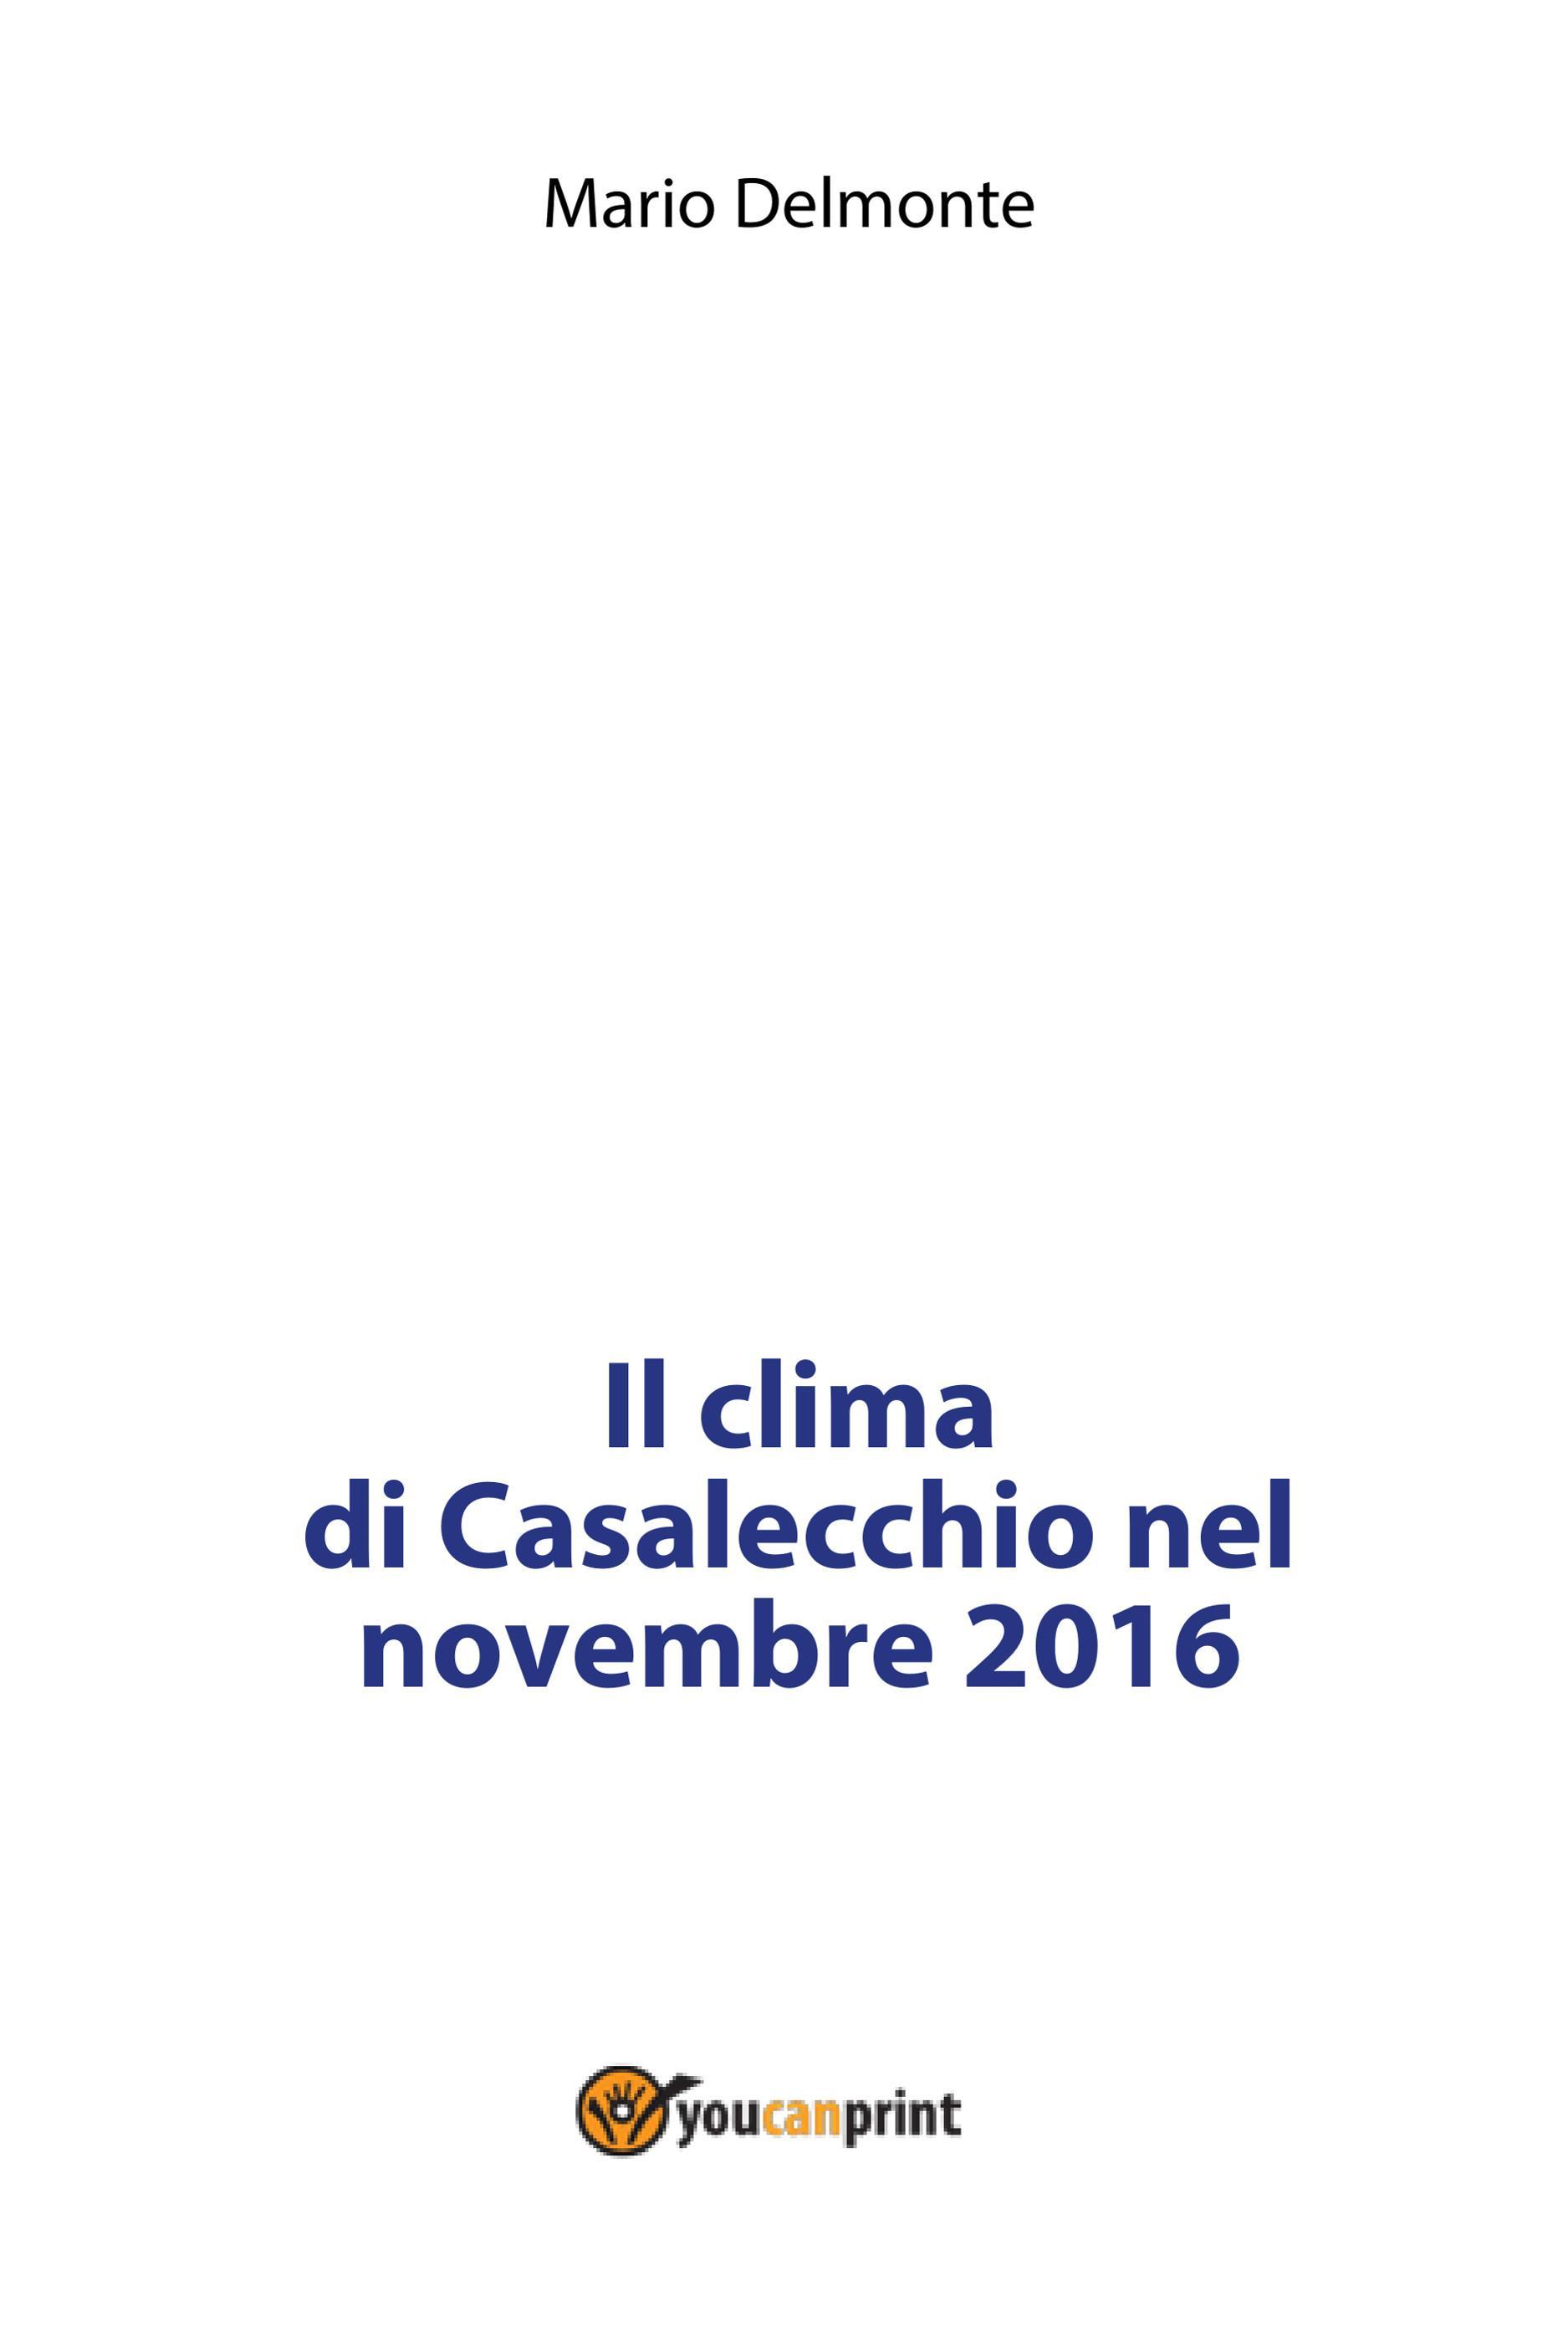 Il clima di Casalecchio nel novembre 2016